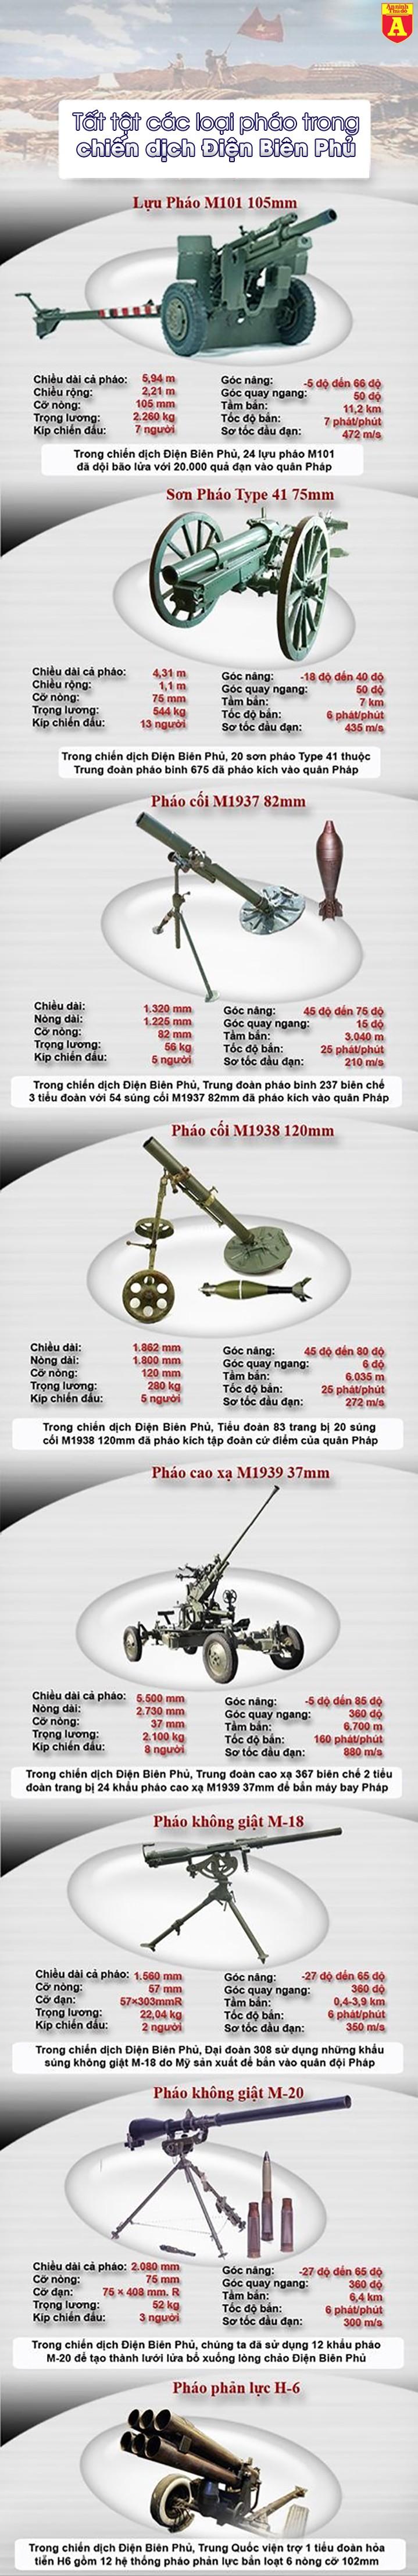 [Infographic] Tất tật các loại pháo trong chiến dịch Điện Biên Phủ ảnh 2